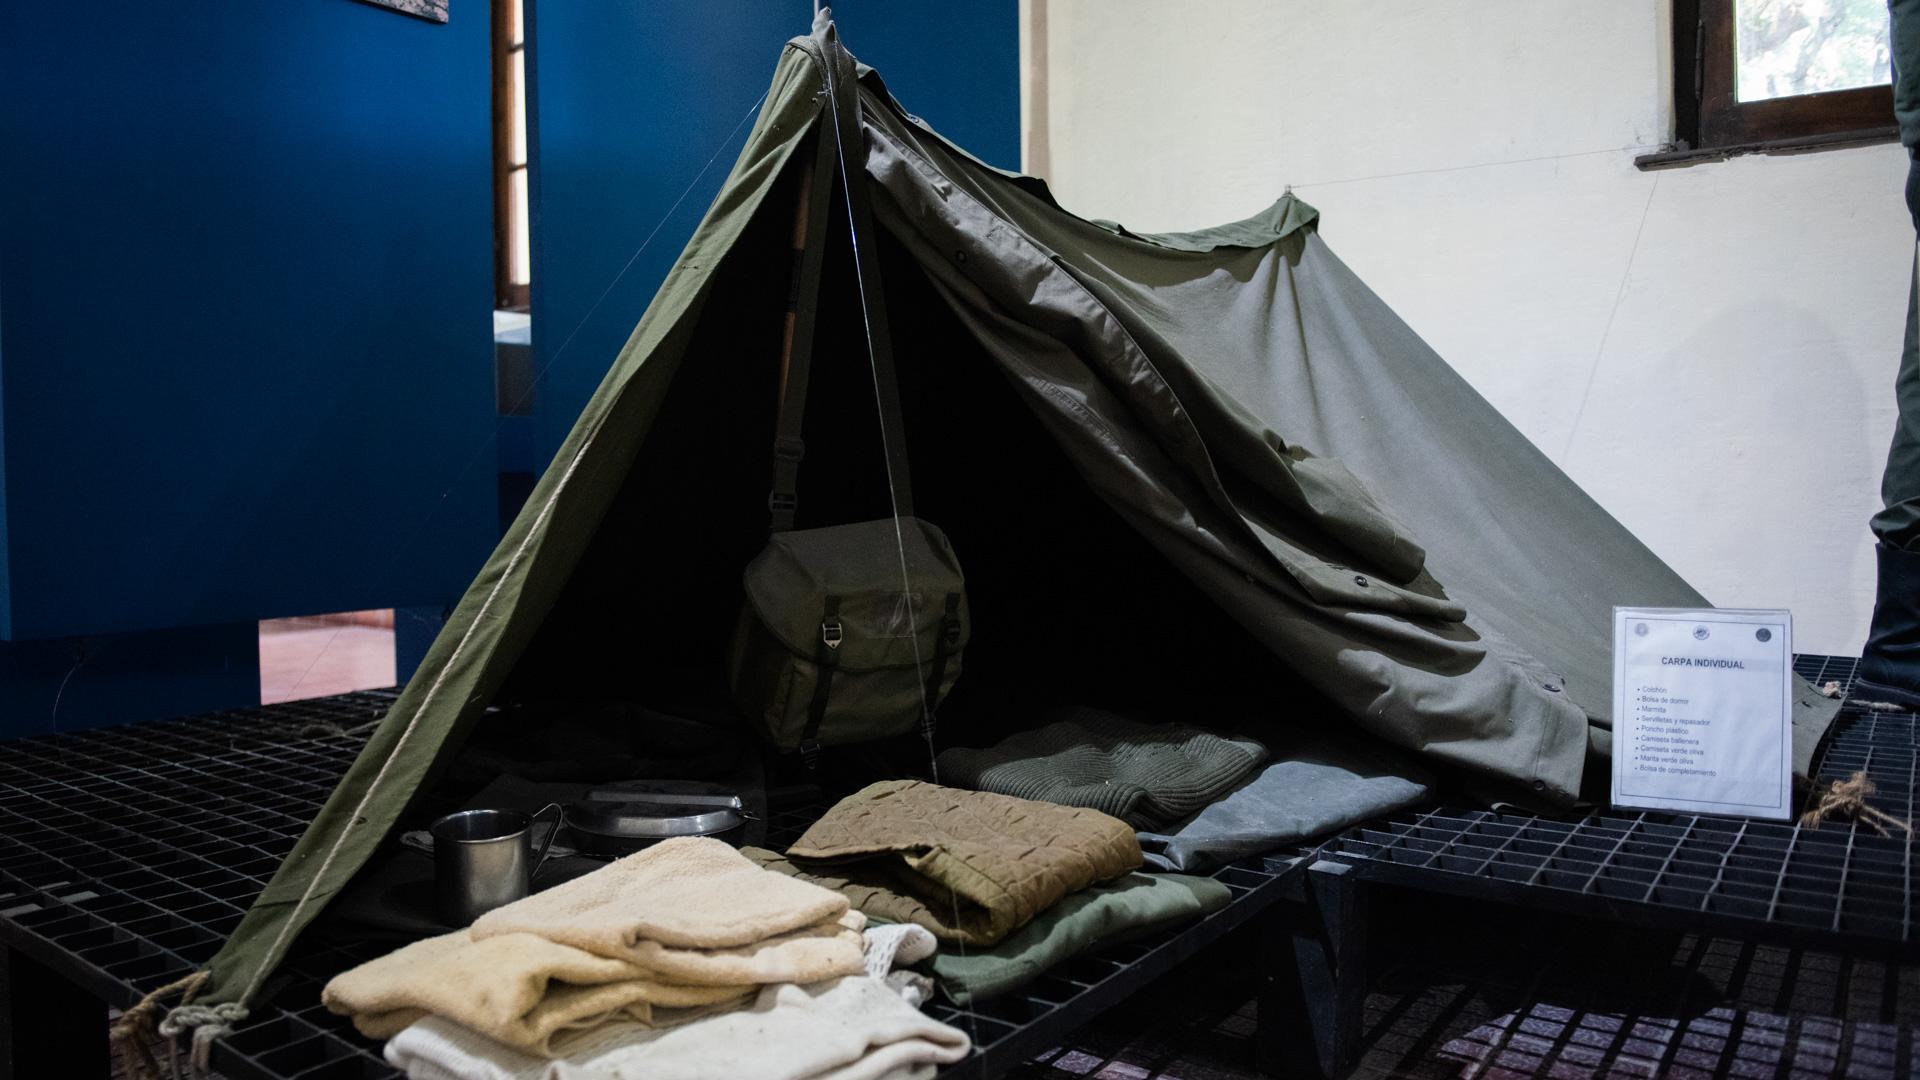 Tienda de campaña utilizada por los miembros del Ejército Argentino desplegados en las Islas Malvinas durante el conflicto bélico